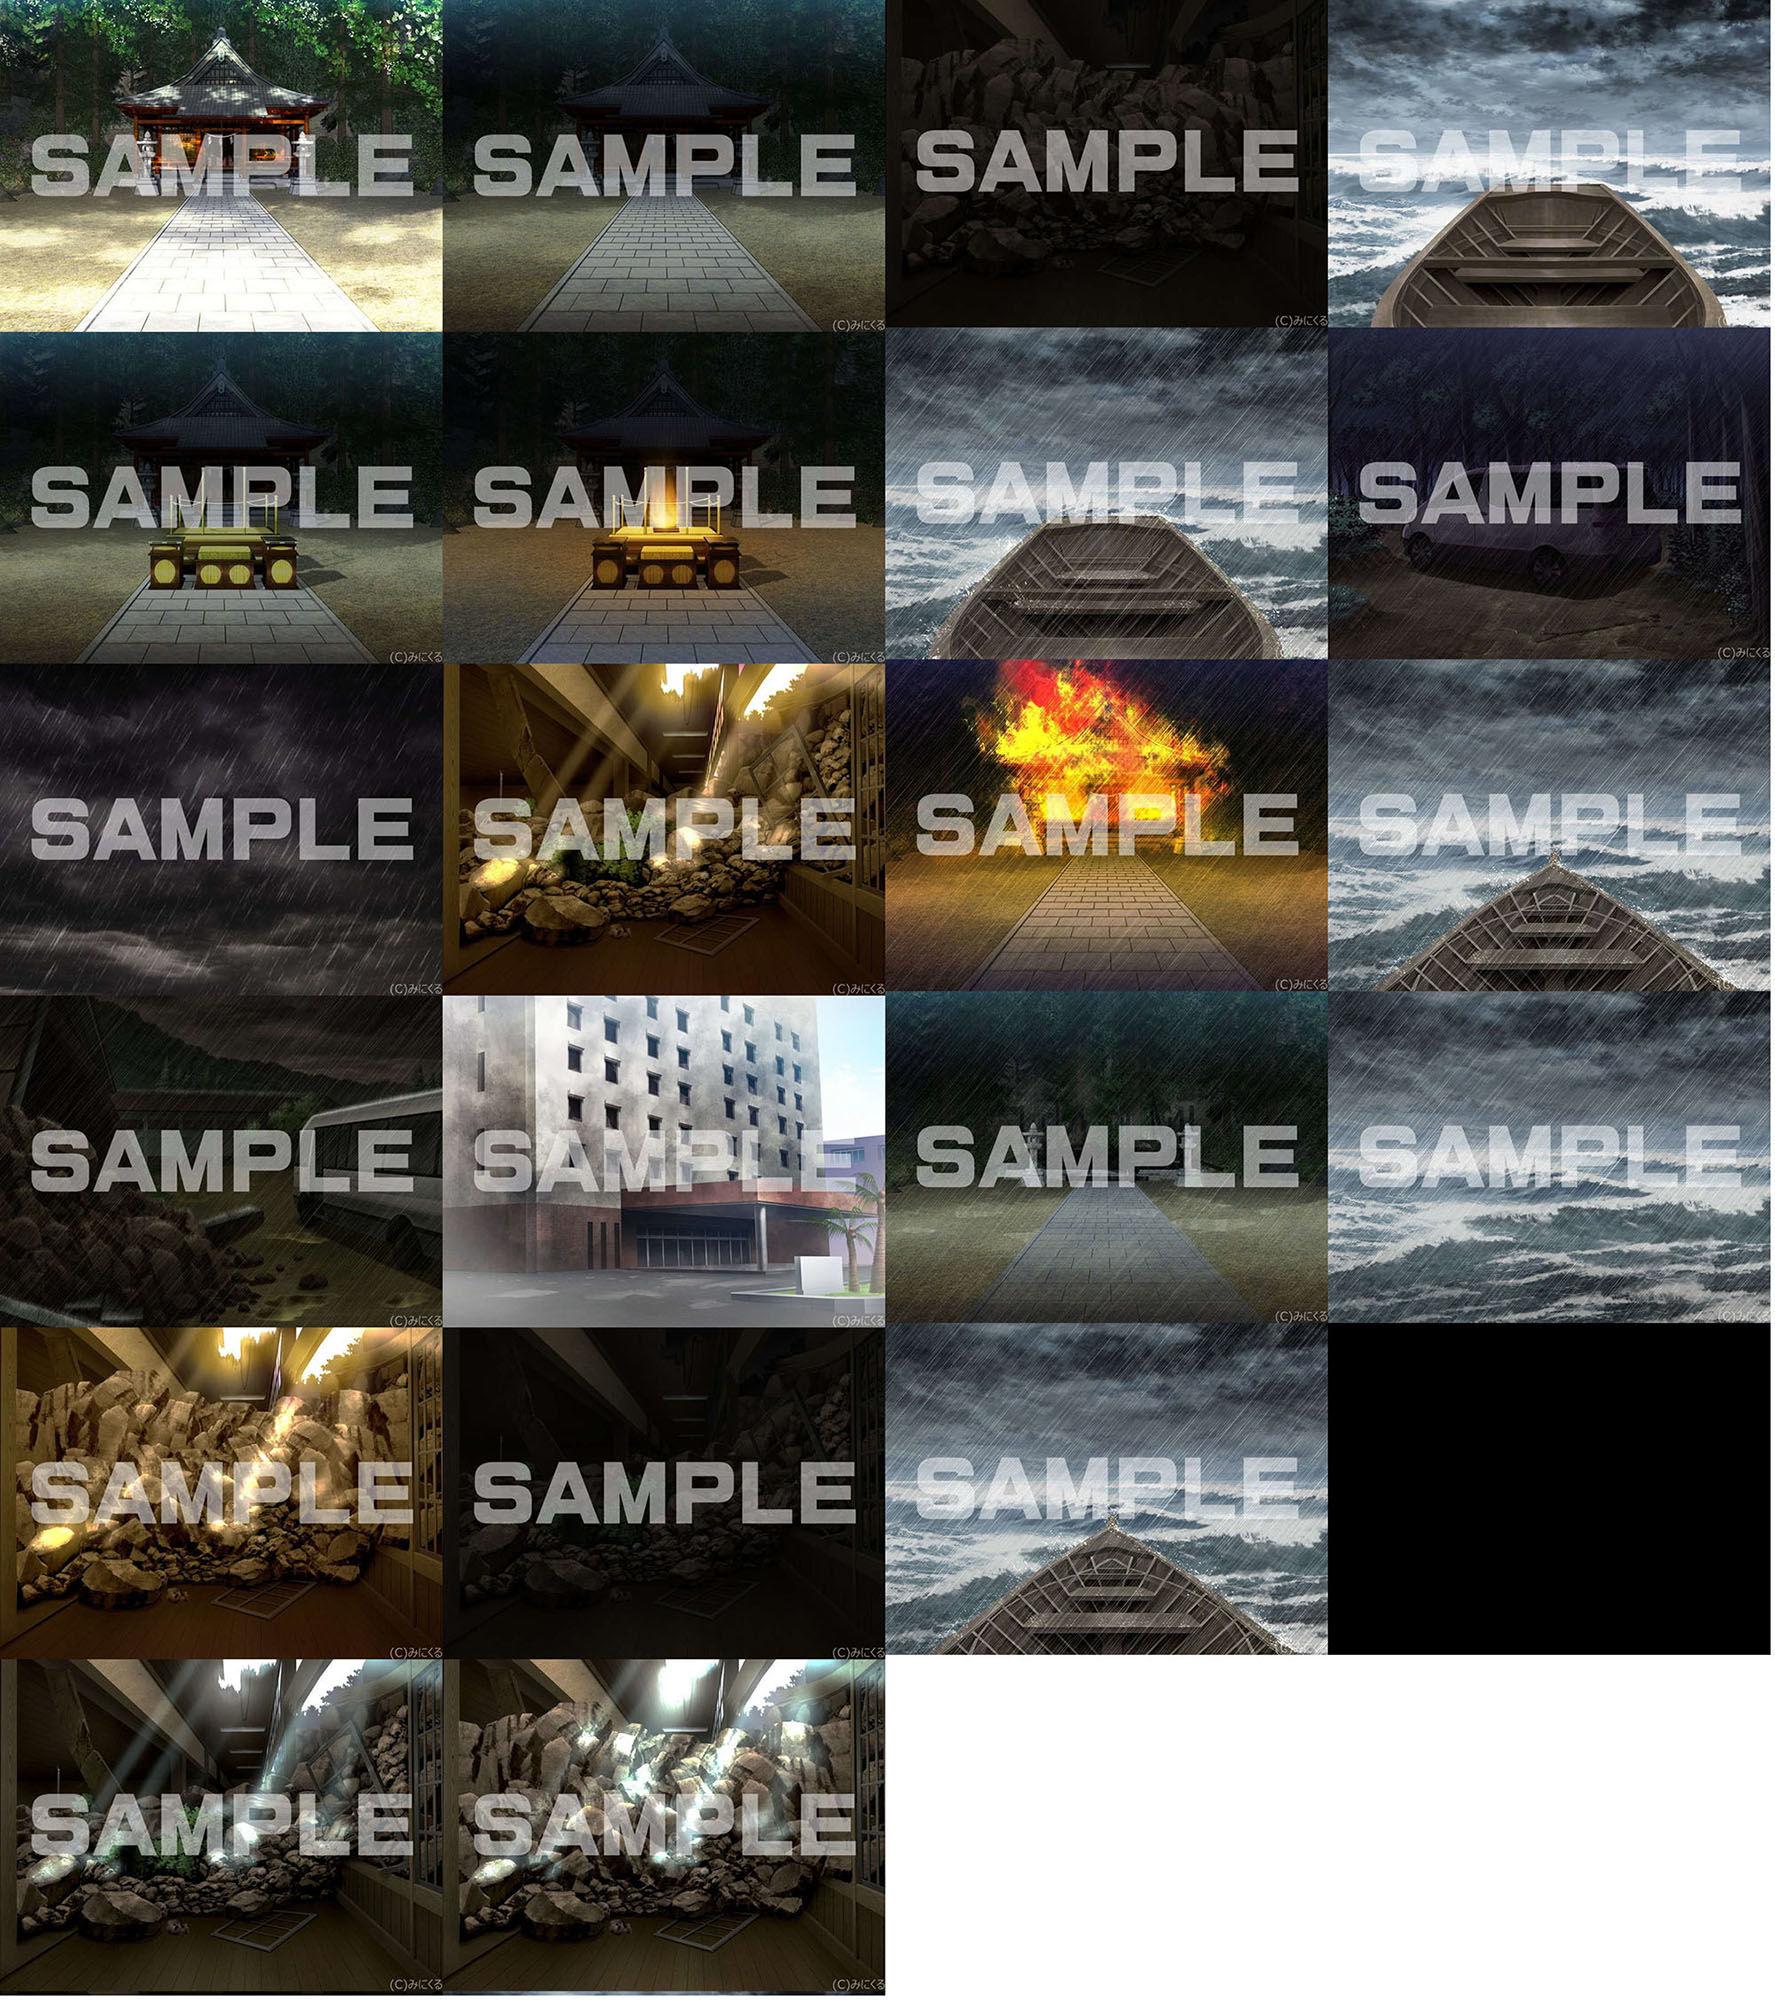 みにくる背景CG素材集『旧校舎・ホラー編』part01のサンプル画像11